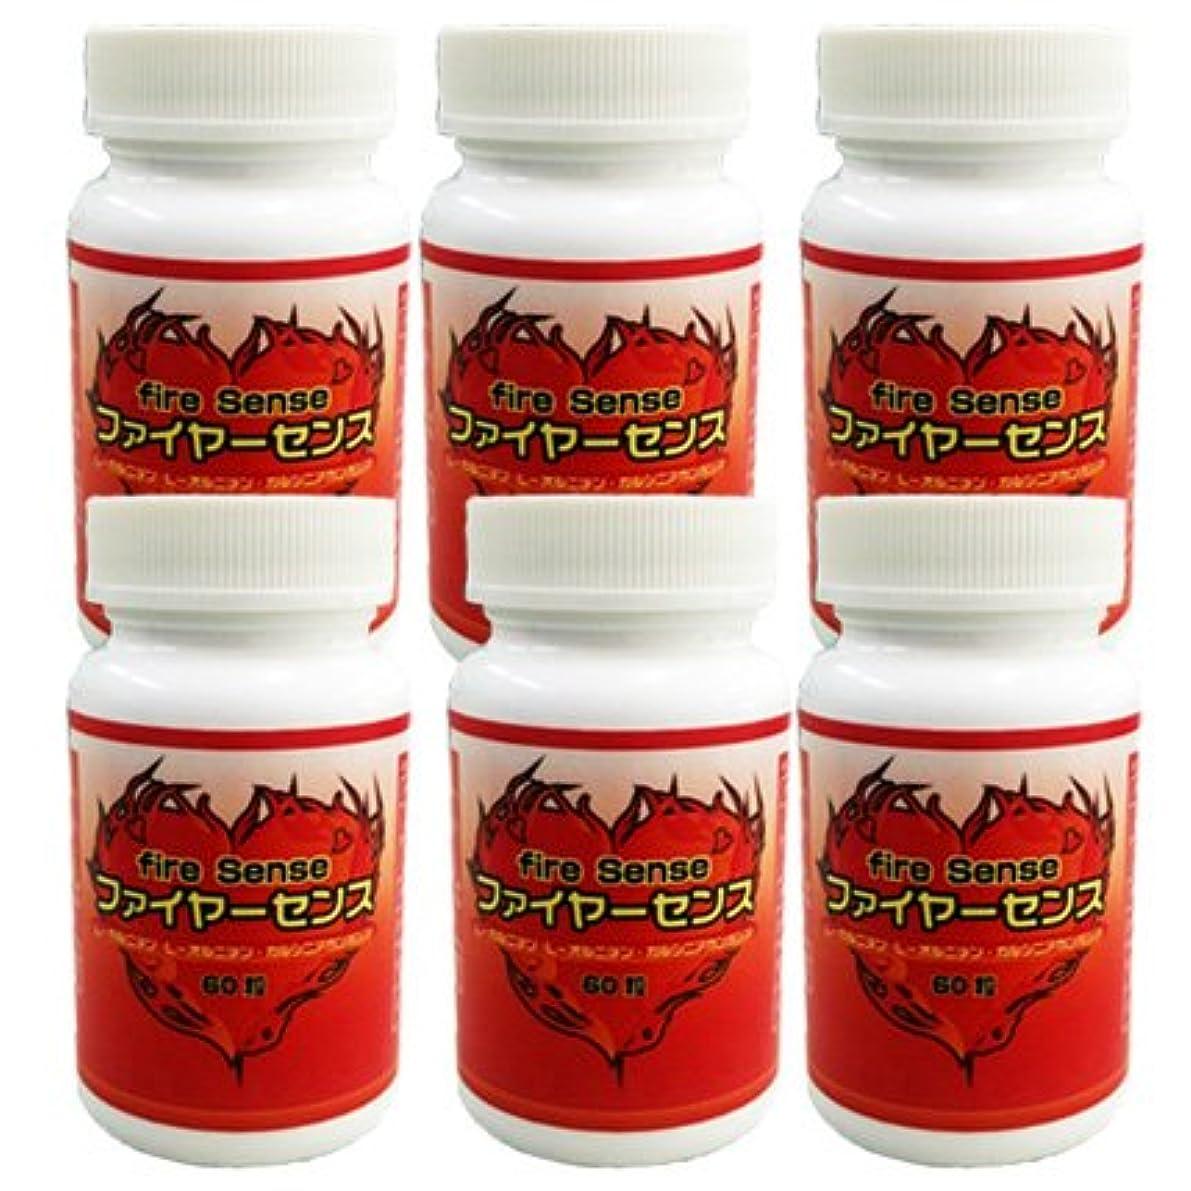 鷲ピンク豆腐ファイヤーセンス 6個セット! fire Sense ×6個